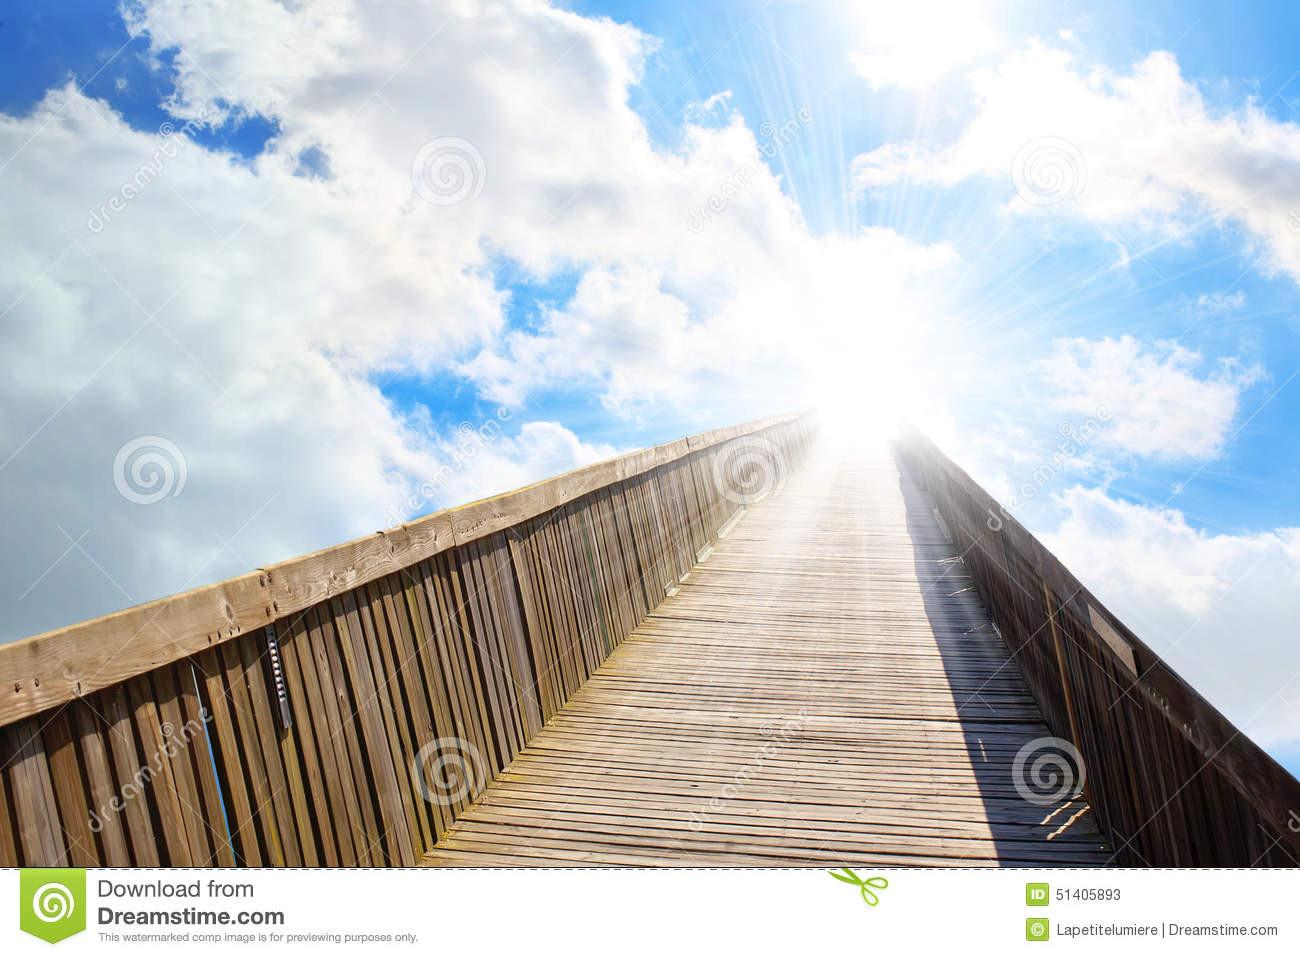 Geburtstagsgruß In Den Himmel  Es Gibt Den Hellen Himmel Am Ende Der Brücke Stockbild